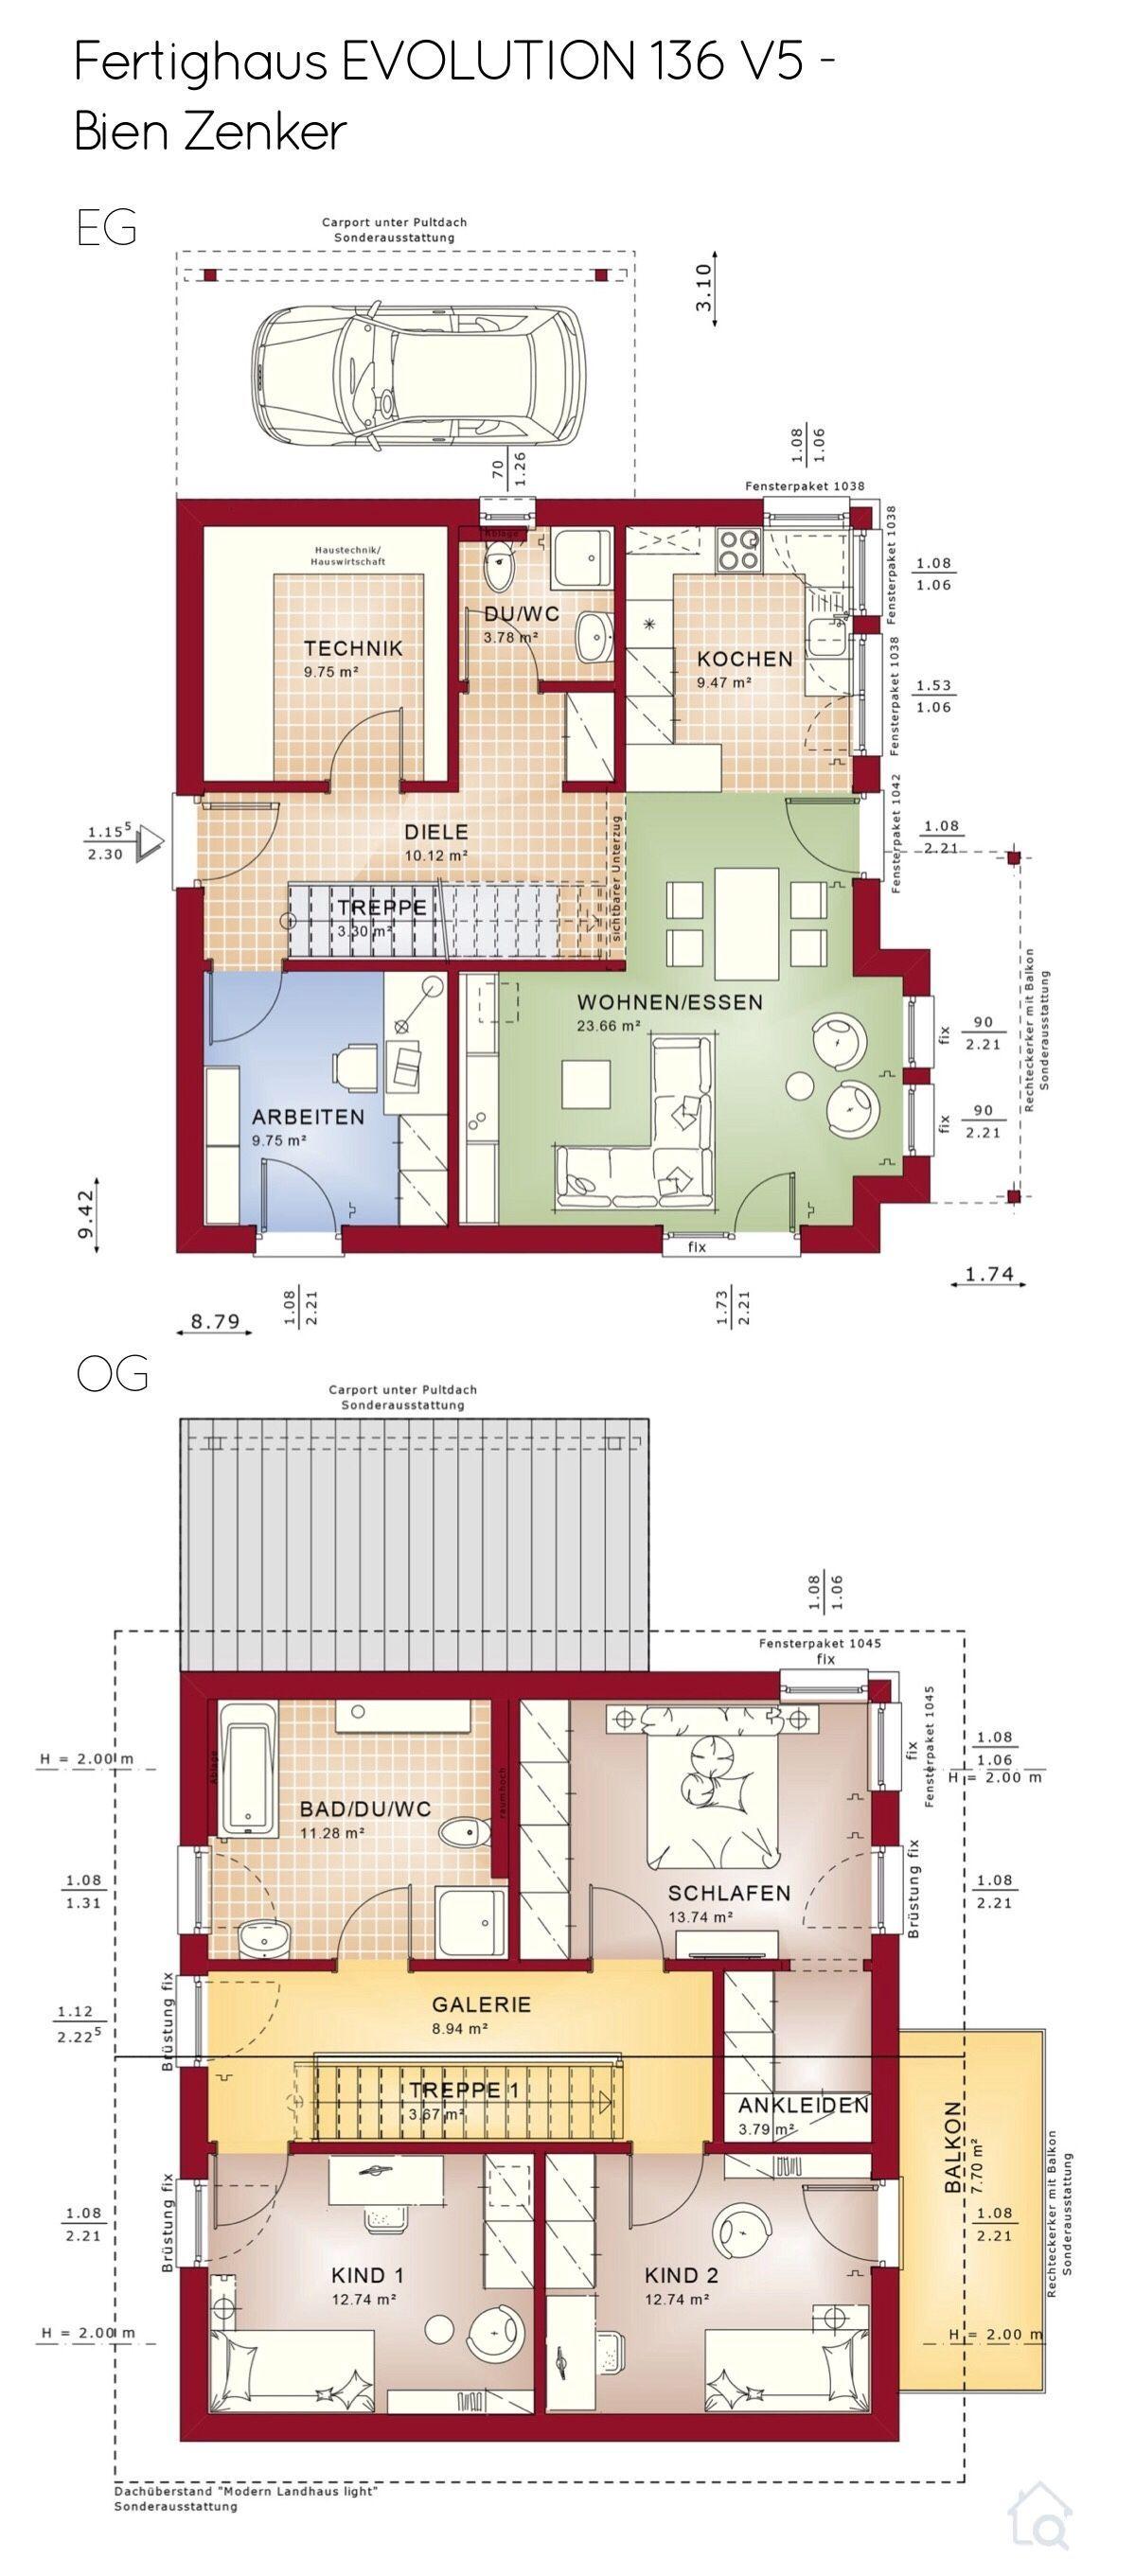 Grundriss Einfamilienhaus Mit Carport Garage Satteldach Architektur 5 Zimmer Ca 130 Qm Gerade Treppe Grundriss Einfamilienhaus Einfamilienhaus Grundriss